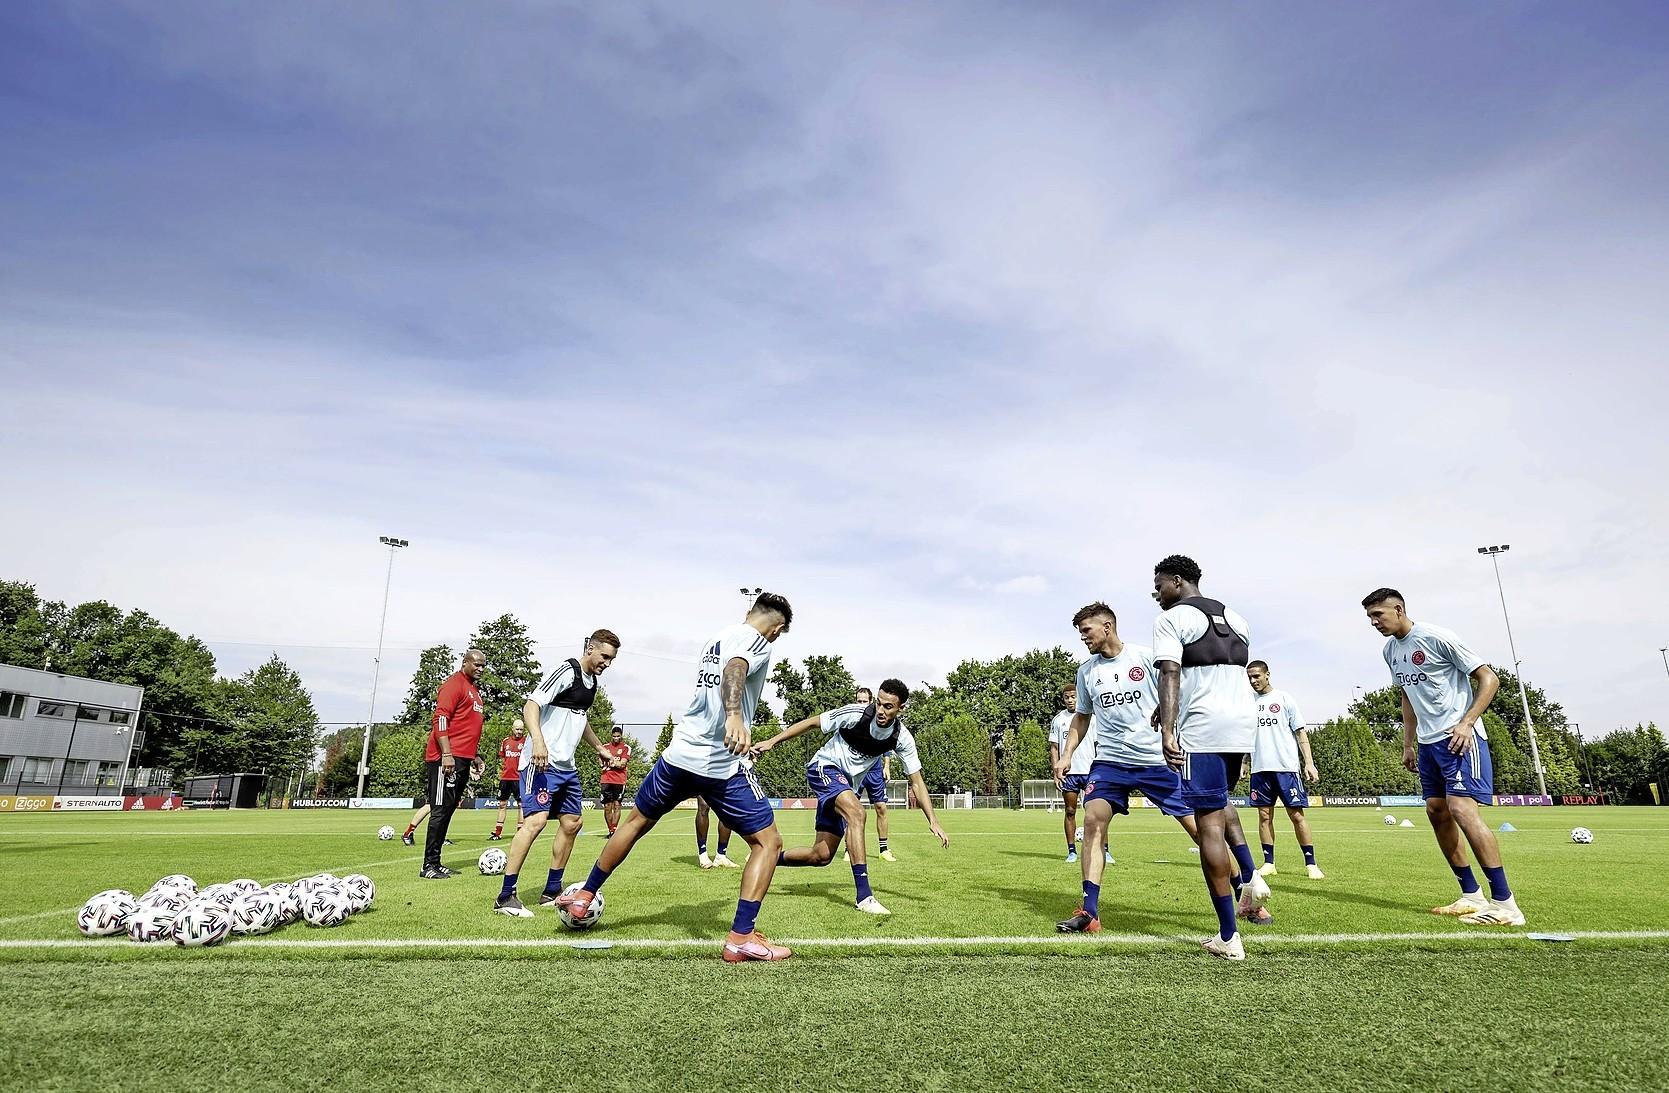 Gemopper zint Erik ten Hag niet. Trainer Ajax wijst selectie tijdens eerste training van het seizoen terecht. Spelers boos na beslissing assistent-trainer Winston Bogarde: 'Ze moeten in zo'n situatie onverstoorbaar zijn'